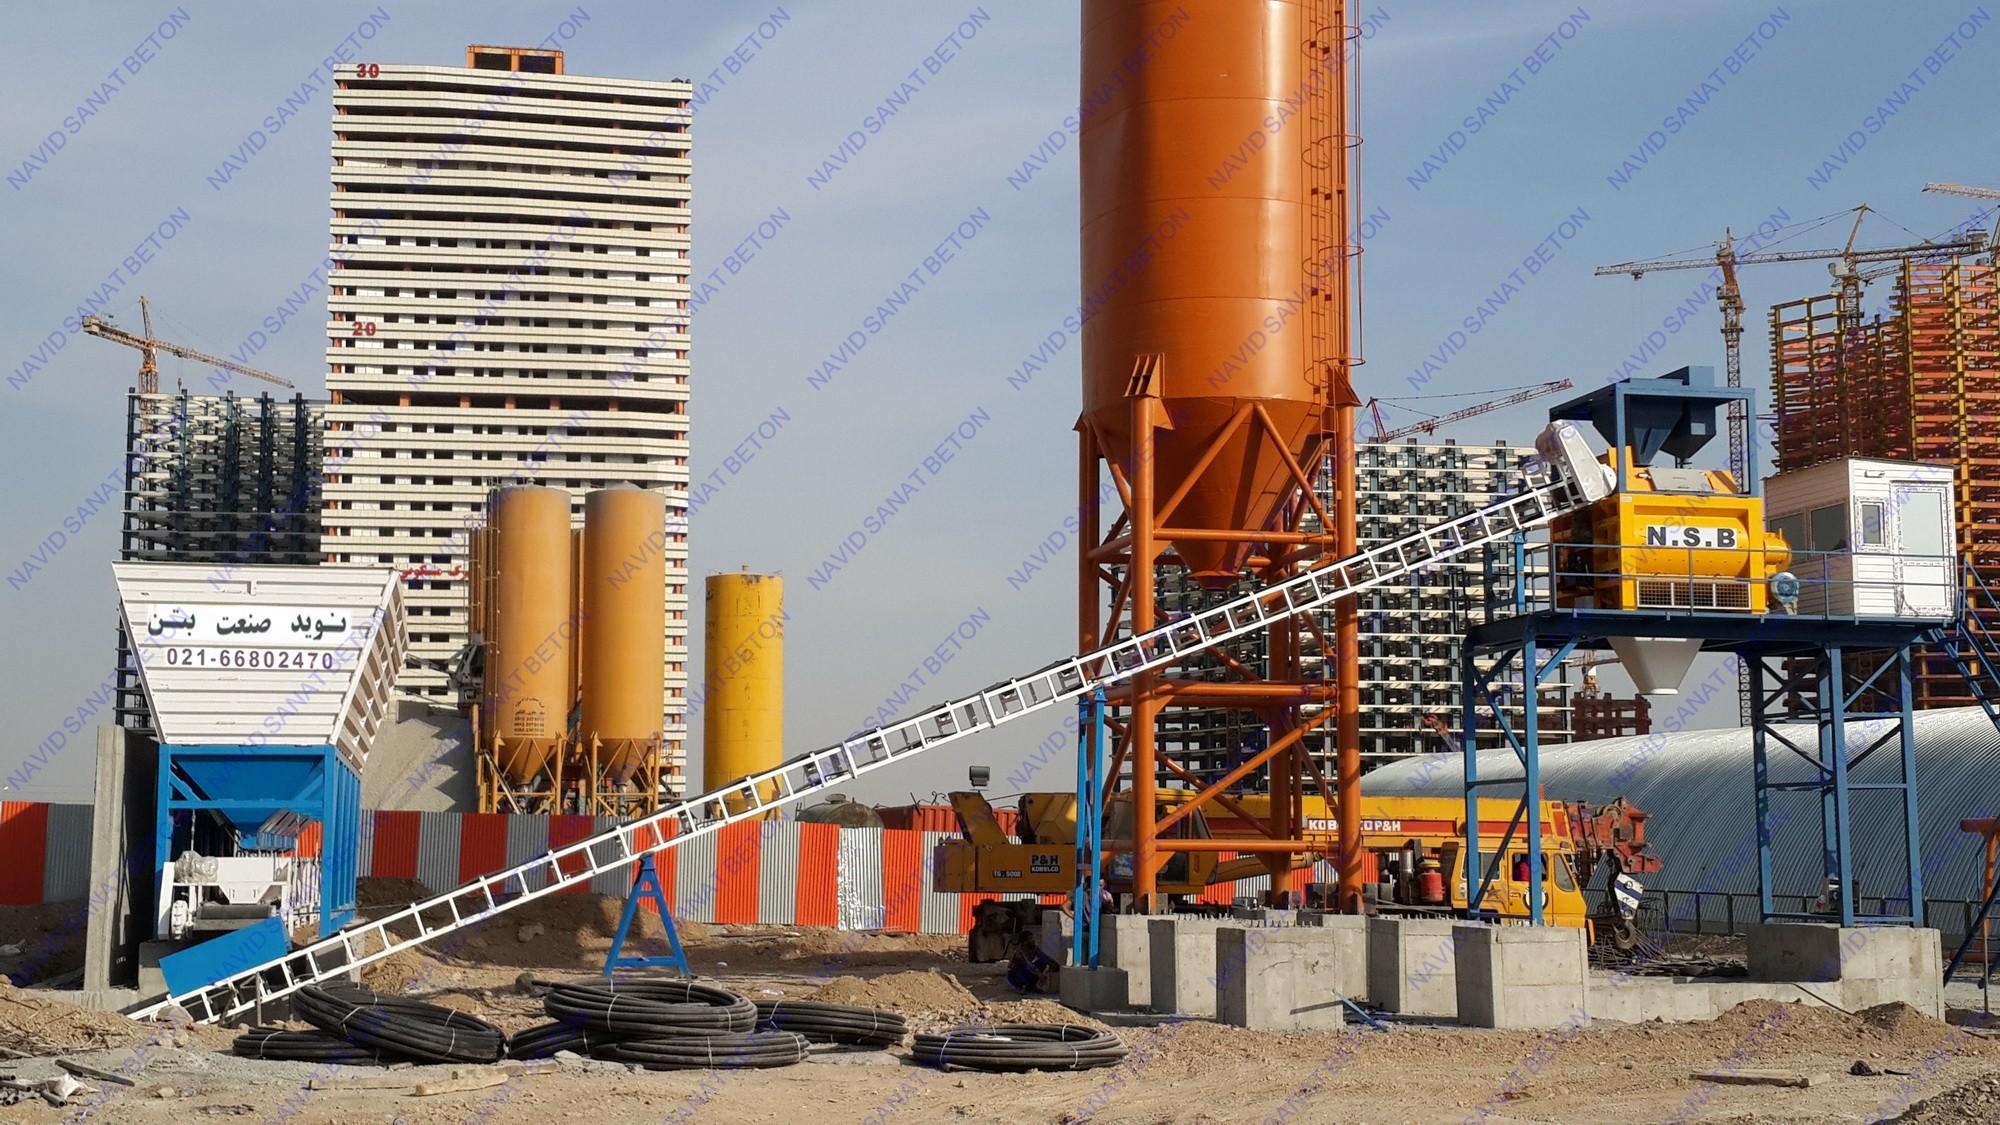 فروش بچینگ پلانت توئین شفت از نیم متر مکعب الی 4 متر مکعب در ساعت ...بچینگ پلانت یک متری توئین شفت N.S.B